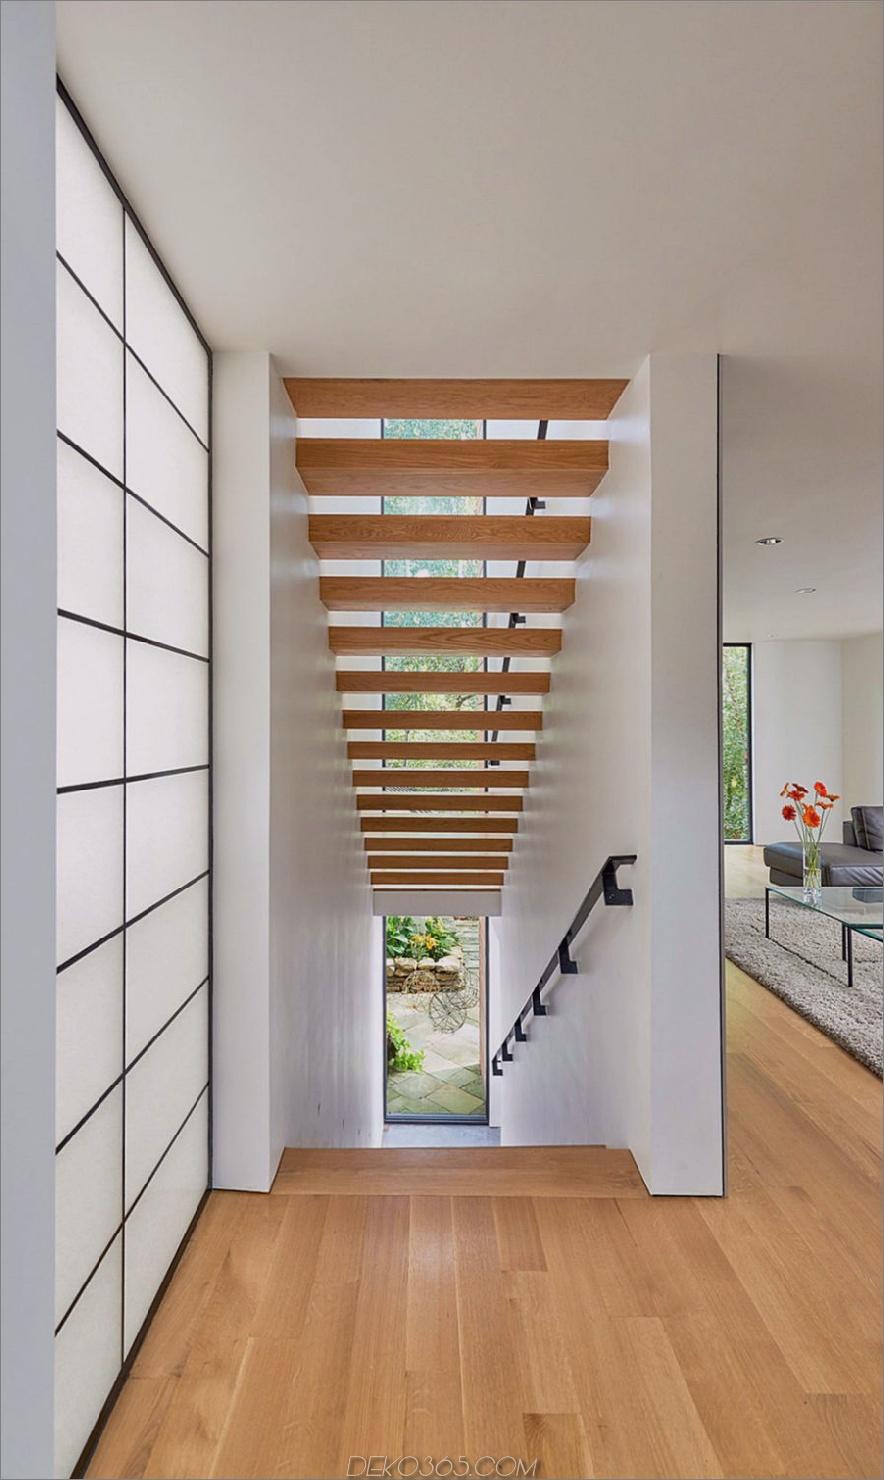 Holztreppe ist luftig und offen